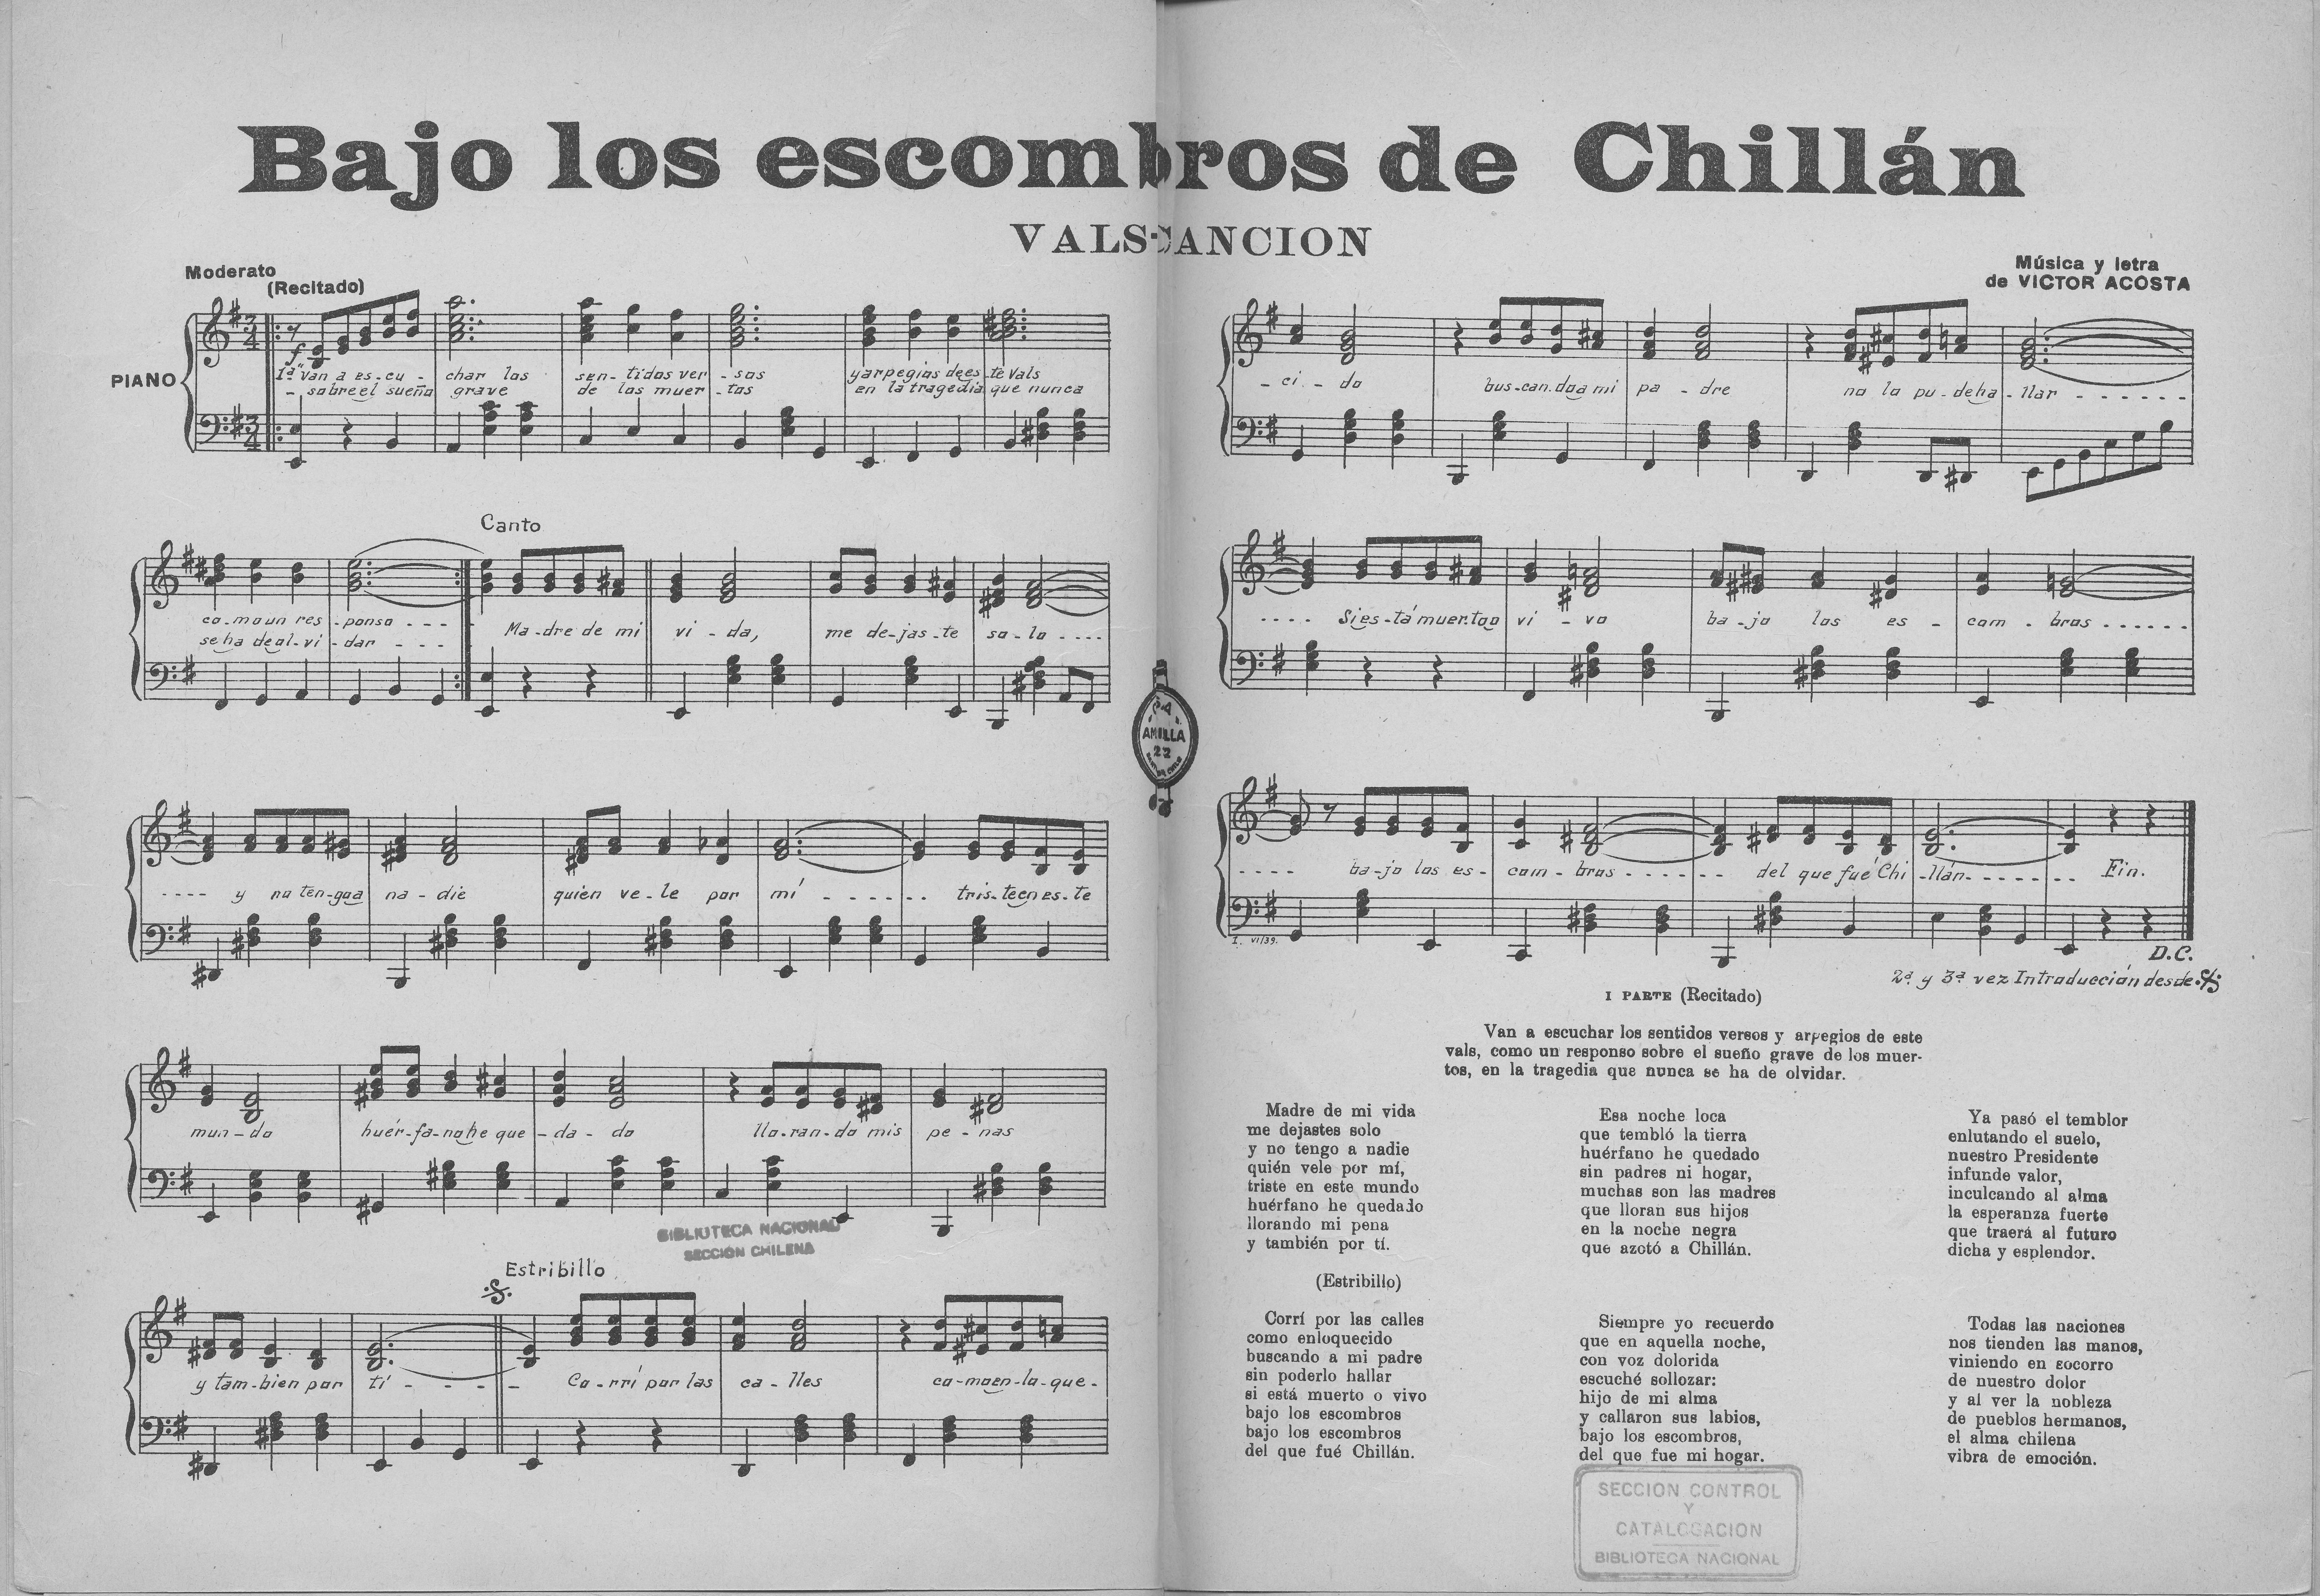 Bajo los escombros de chill n m sica vals canci n para for Casa musica chile